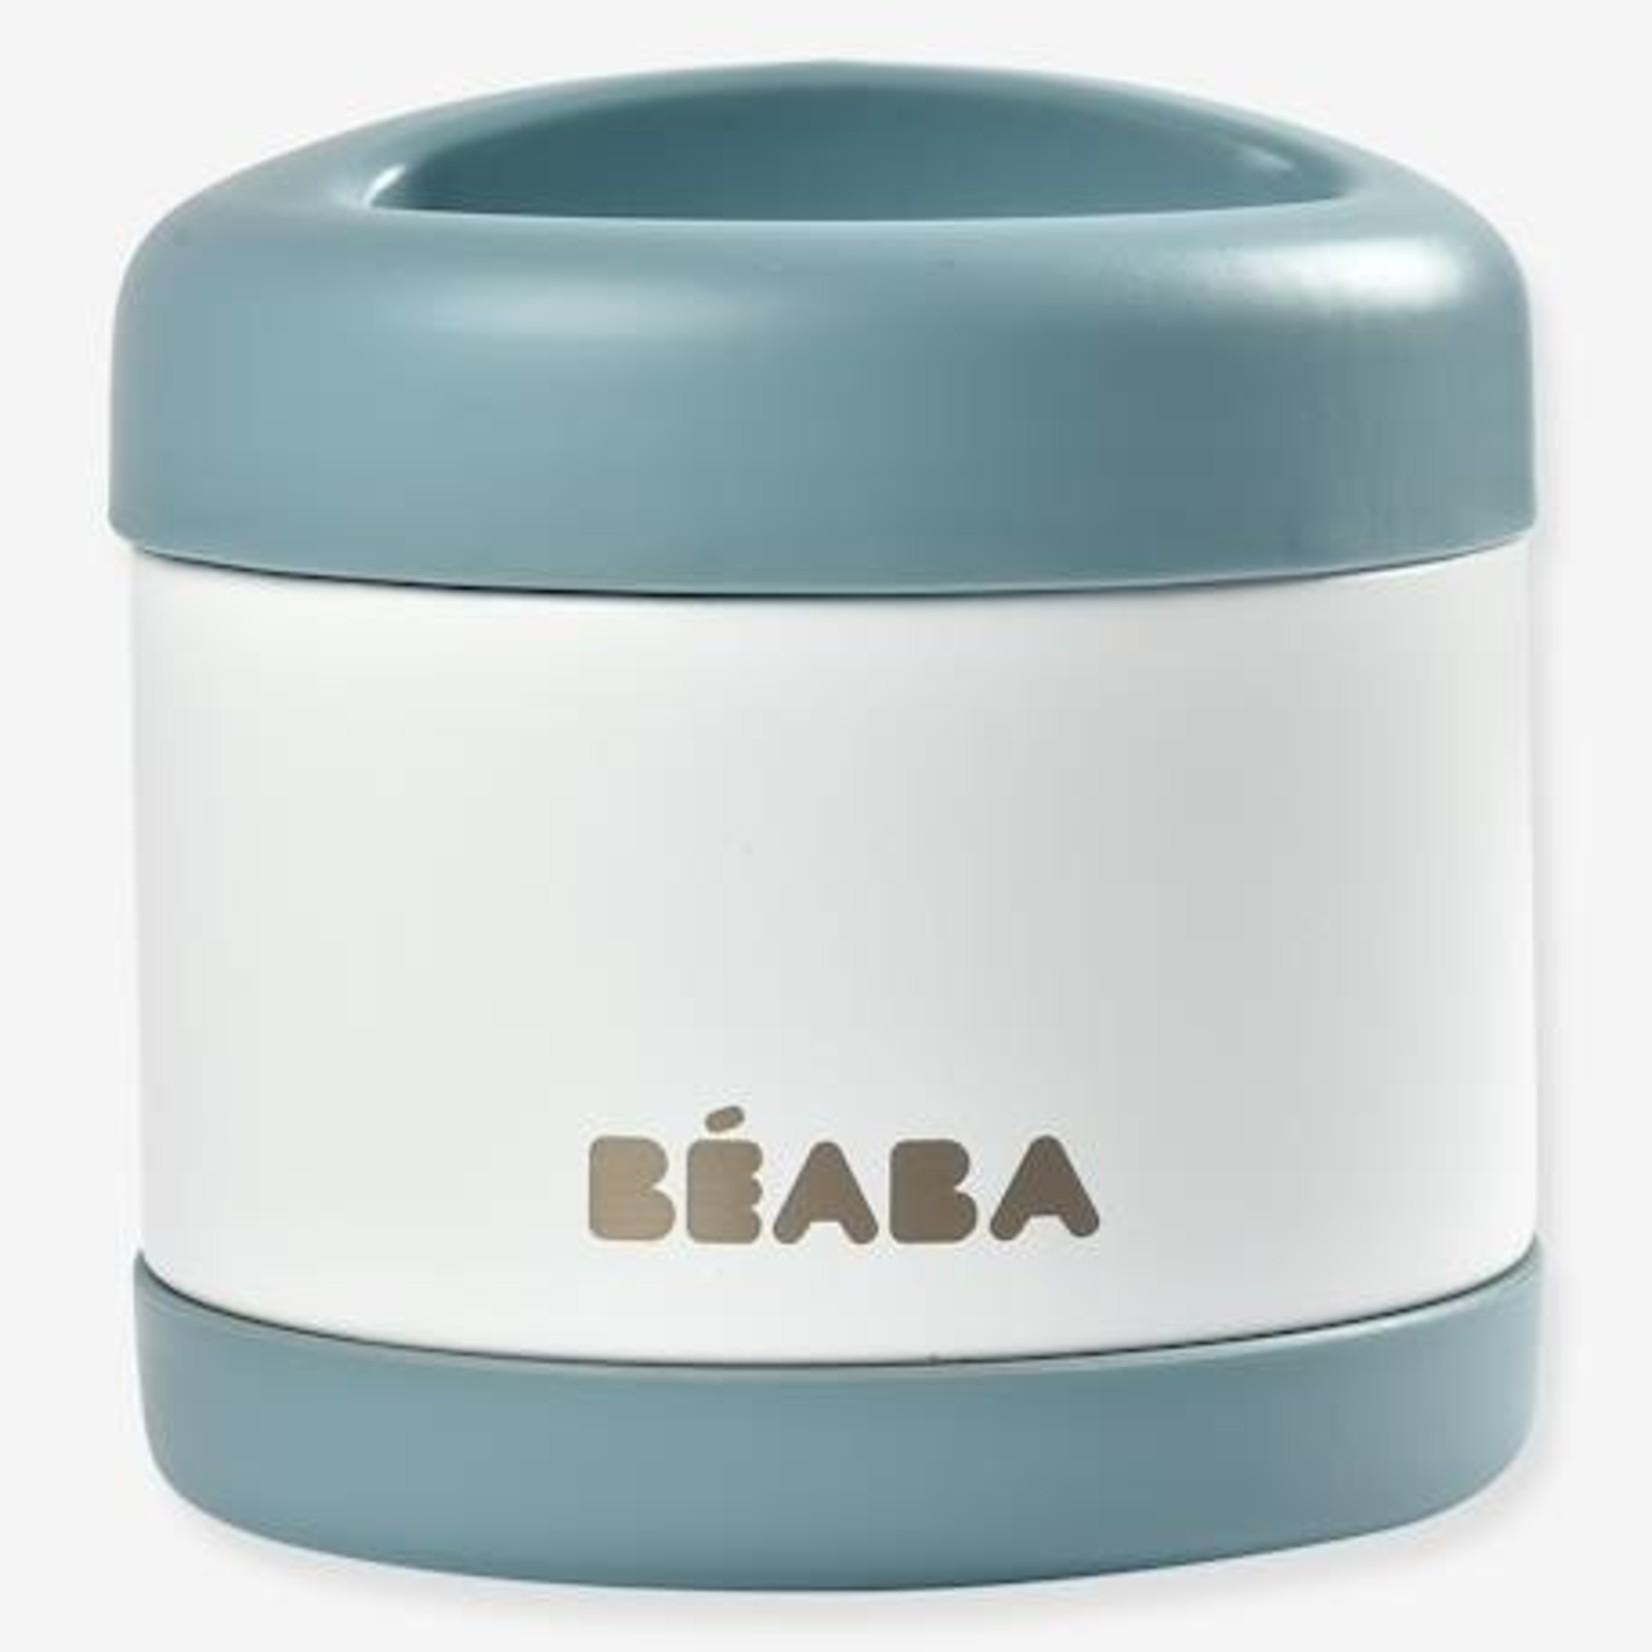 Beaba Beaba Foodjar 500ml Baltic blue/ White